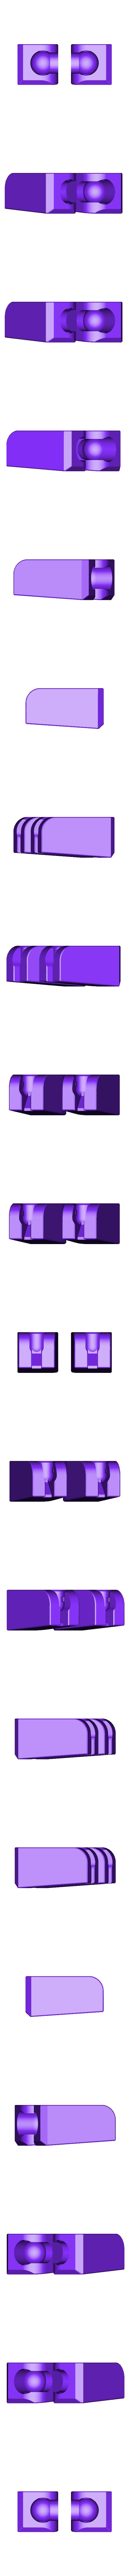 15_Brawn_Leg1_Thigh_GREEN.stl Download free STL file G1 Transformers Brawn • 3D printer object, Toymakr3D